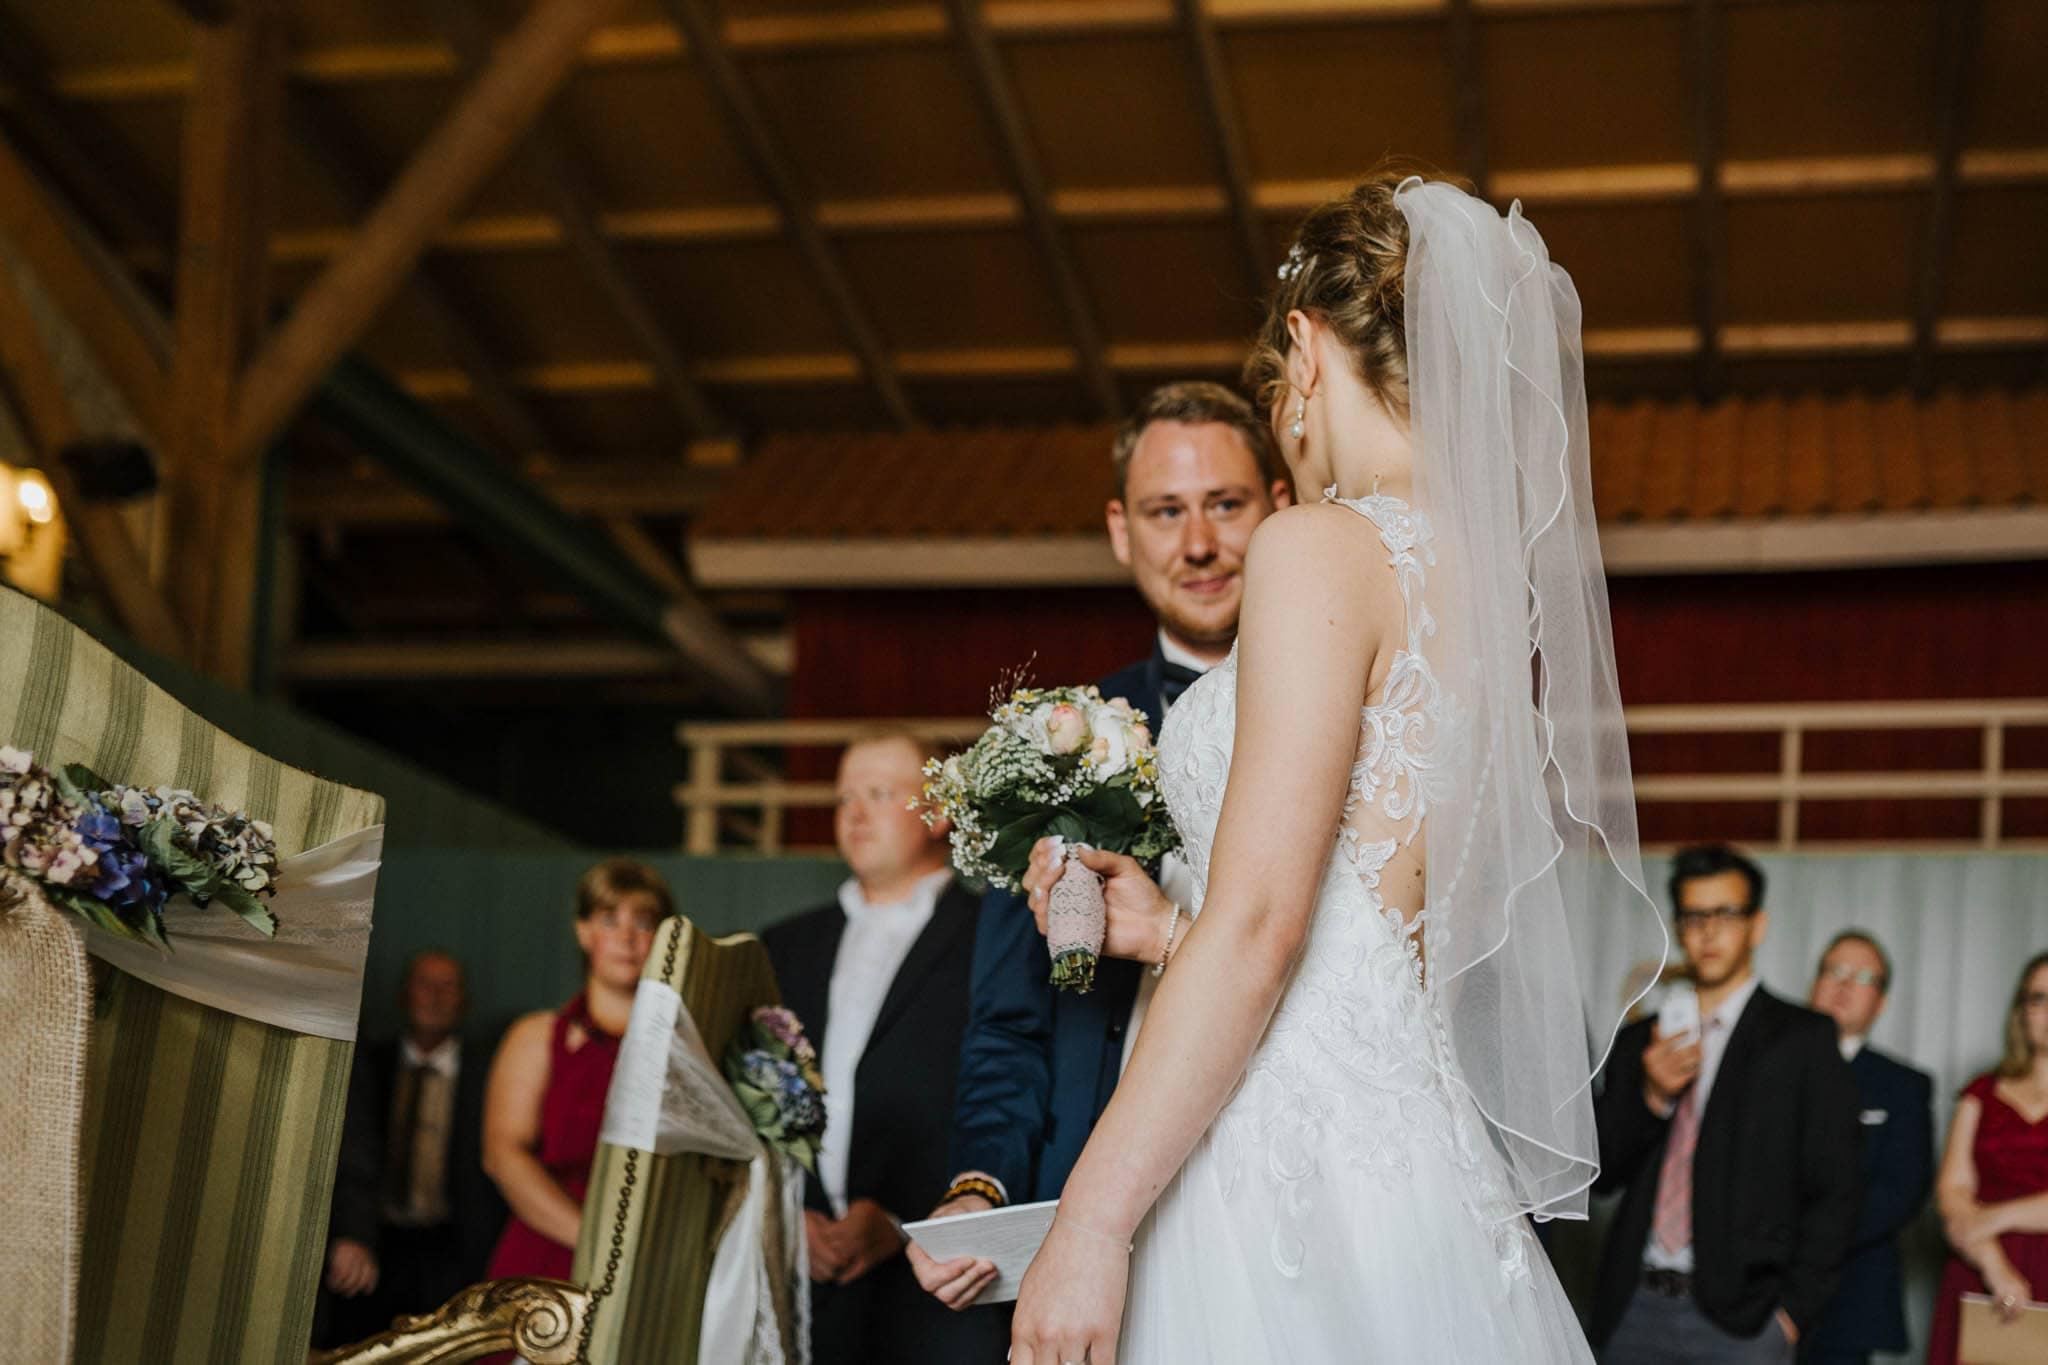 Hochzeitsfieber by Photo-Schomburg, Hoichzeitsfotograf, Hamburg, Wedding, Weddingtime, Hochzeitspaar, Braut, Bräutigam, Hochzeit im Norden,-42